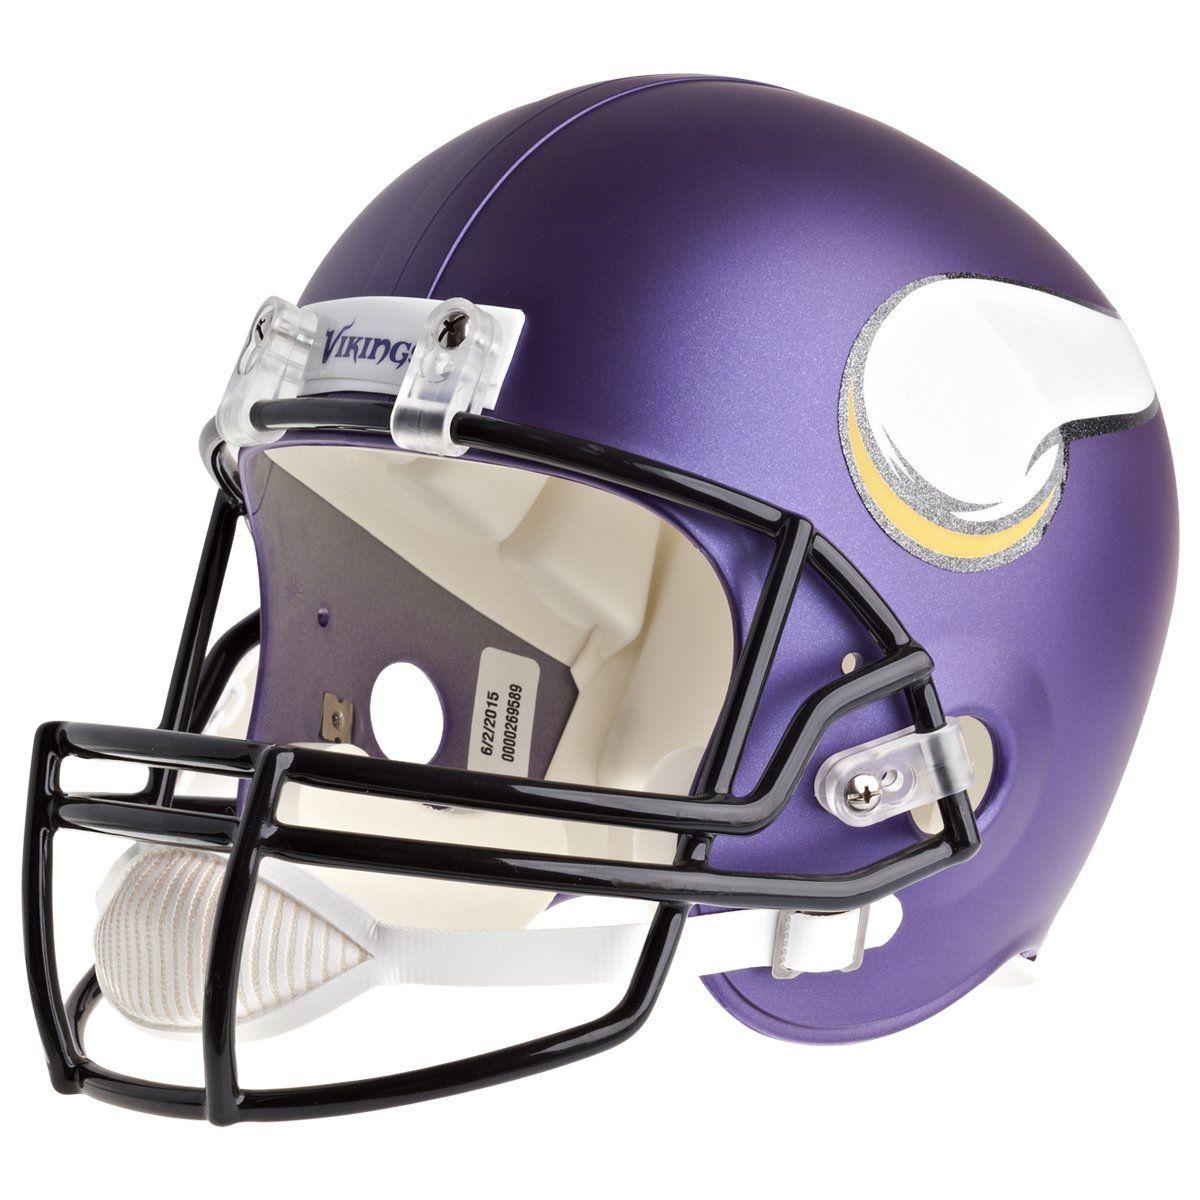 amfoo - Riddell VSR4 Replica Football Helm - NFL Minnesota Vikings